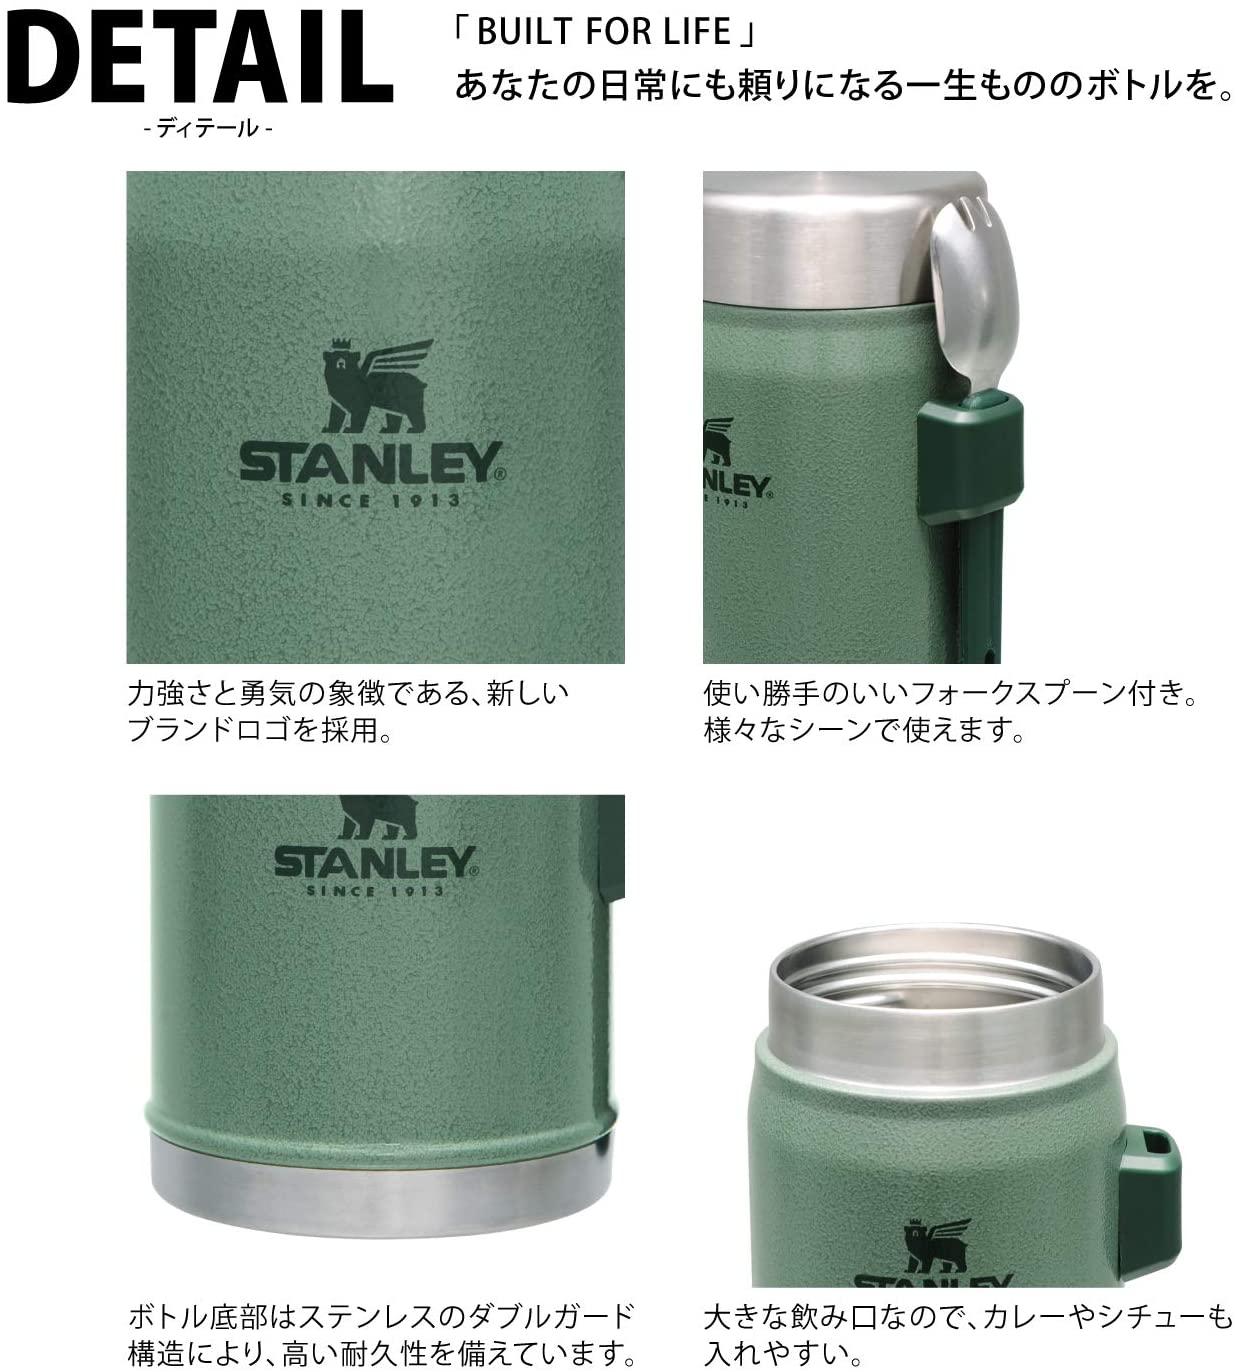 STANLEYスタンレー CLASSIC SERIESクラシック真空フードジャー0.41Lグリーン09382-010 断熱材入りフタで高い保温・保冷性能。スープジャーとしても。